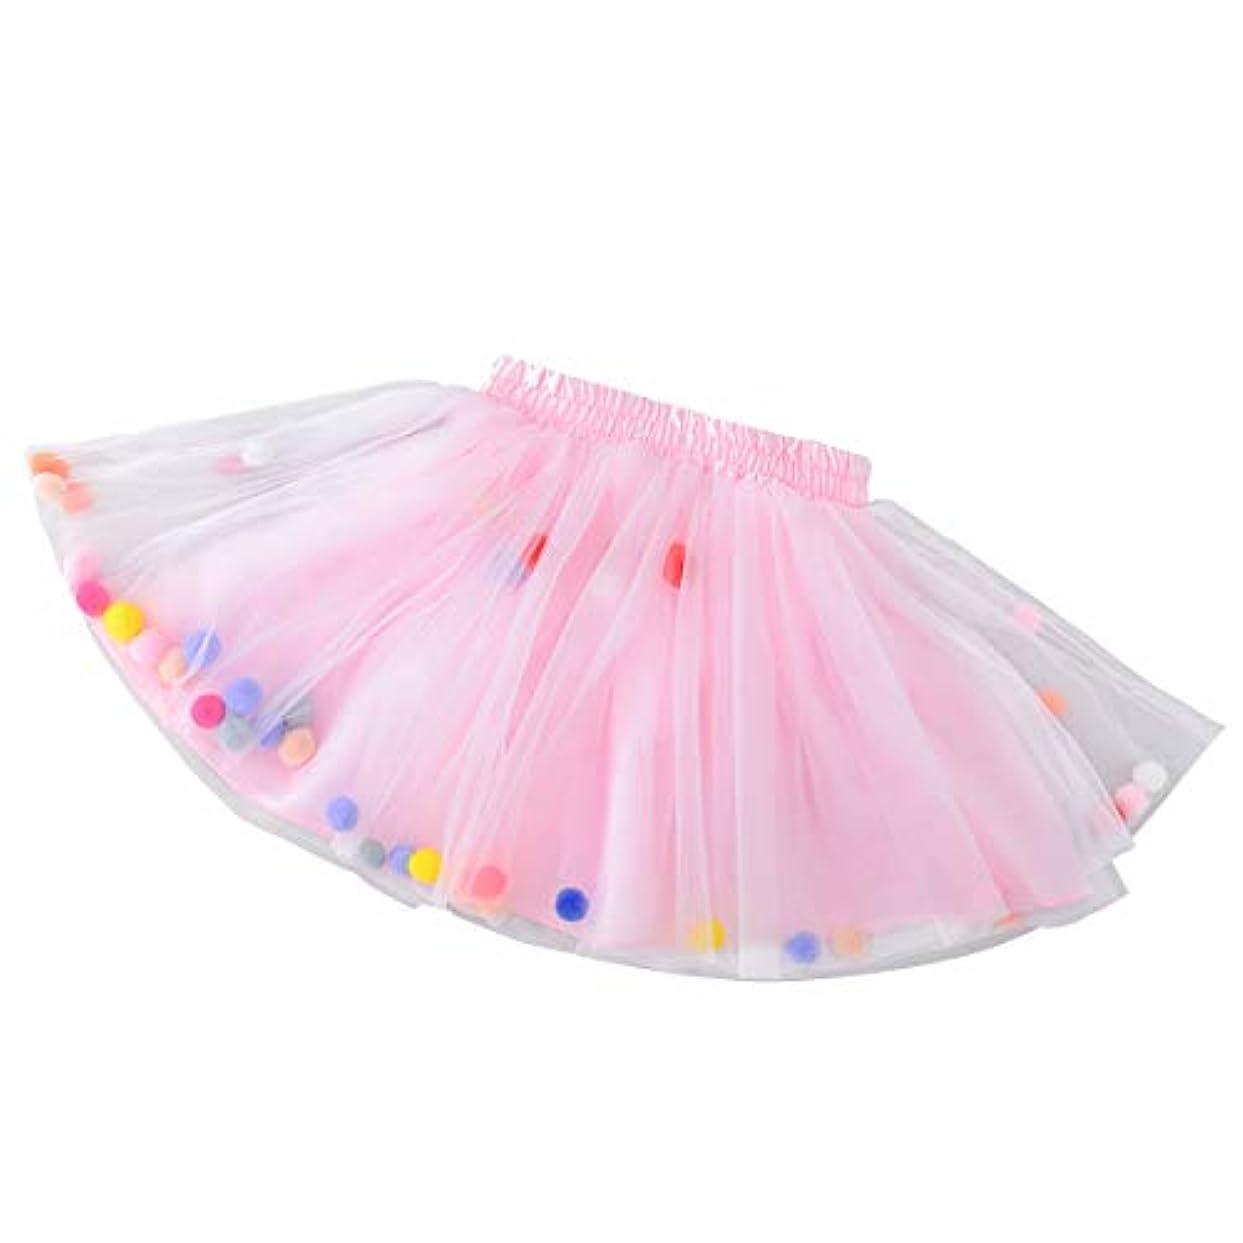 要求するハーフパラシュートYeahiBaby 子供チュチュスカートラブリーピンクミディスカートカラフルなファジーボールガーゼスカートプリンセスドレス衣装用女の子(サイズxl)